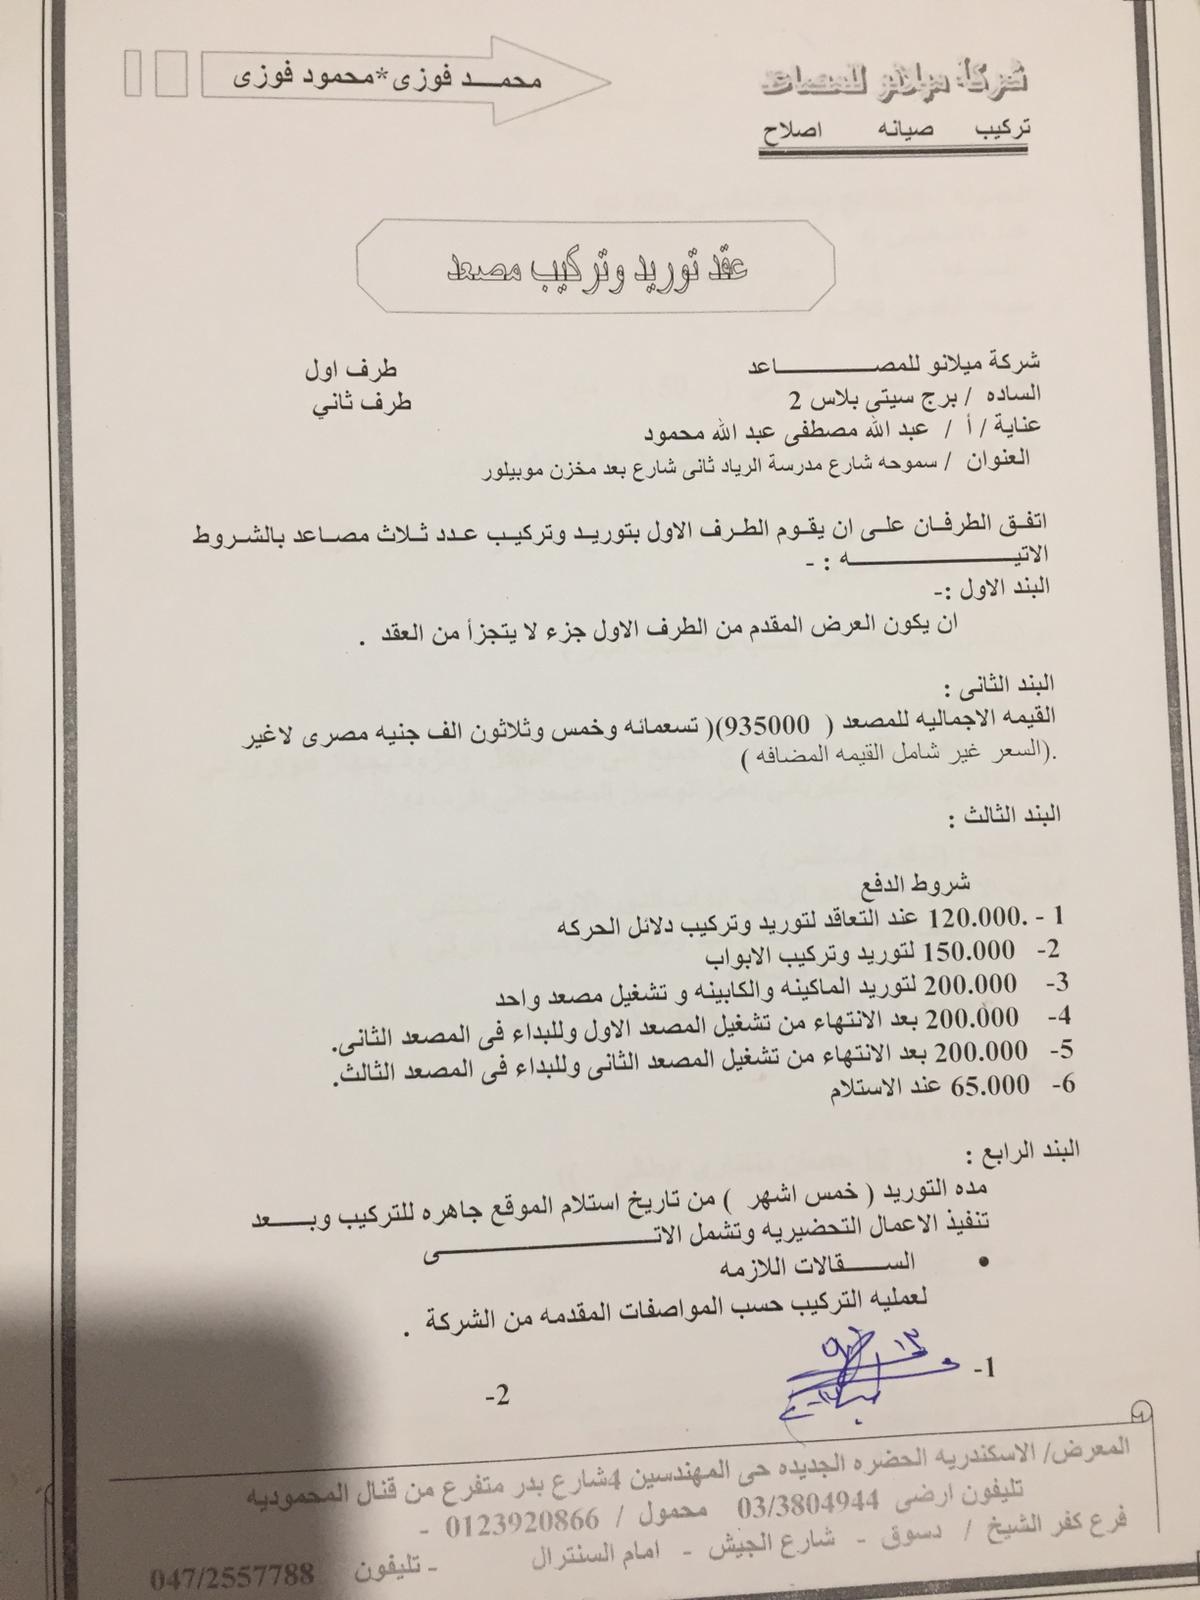 أزمة مشروع سيتي بالاس بالإسكندرية (59)